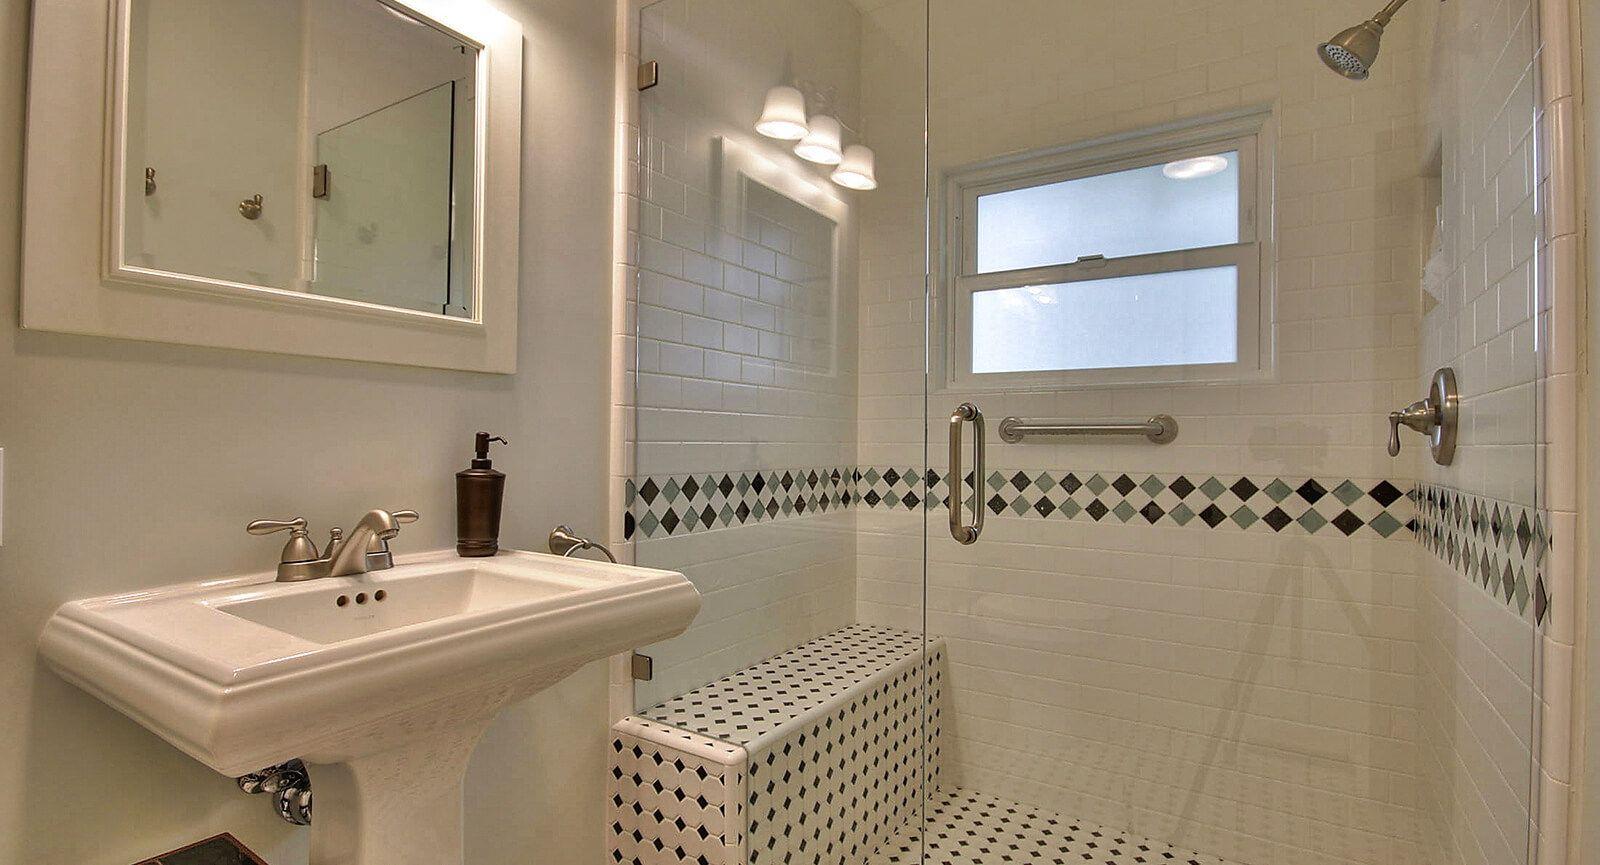 Acton Construction Bathroom Remodel in San Jose, CA # ...